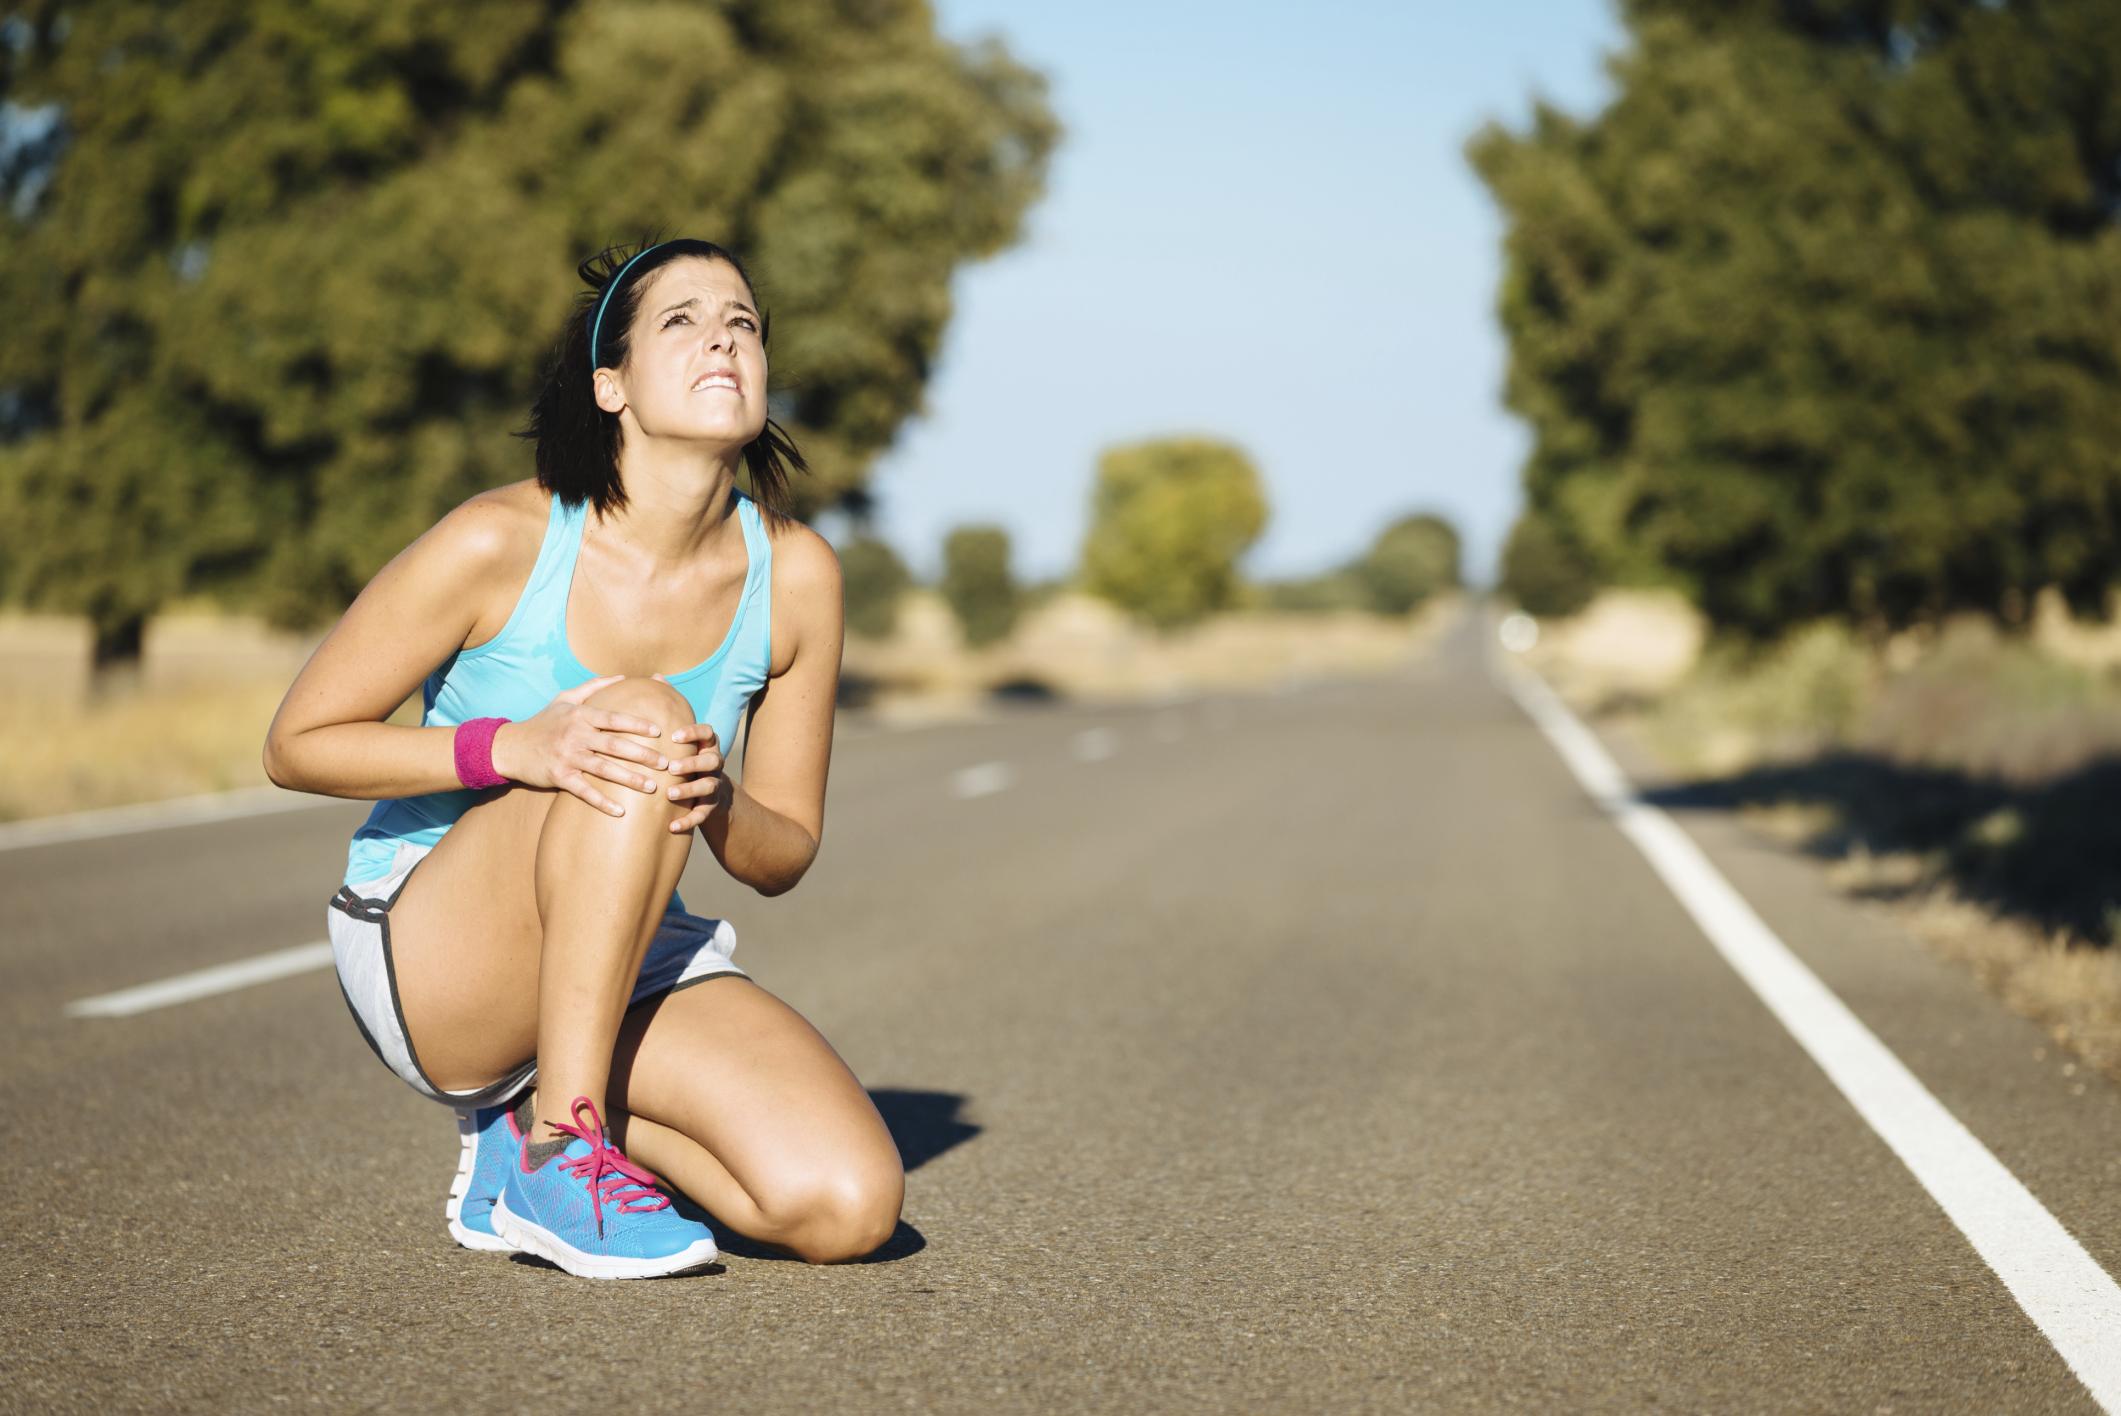 Las-lesiones-son-comunes-durante-la-actividad-deportiva